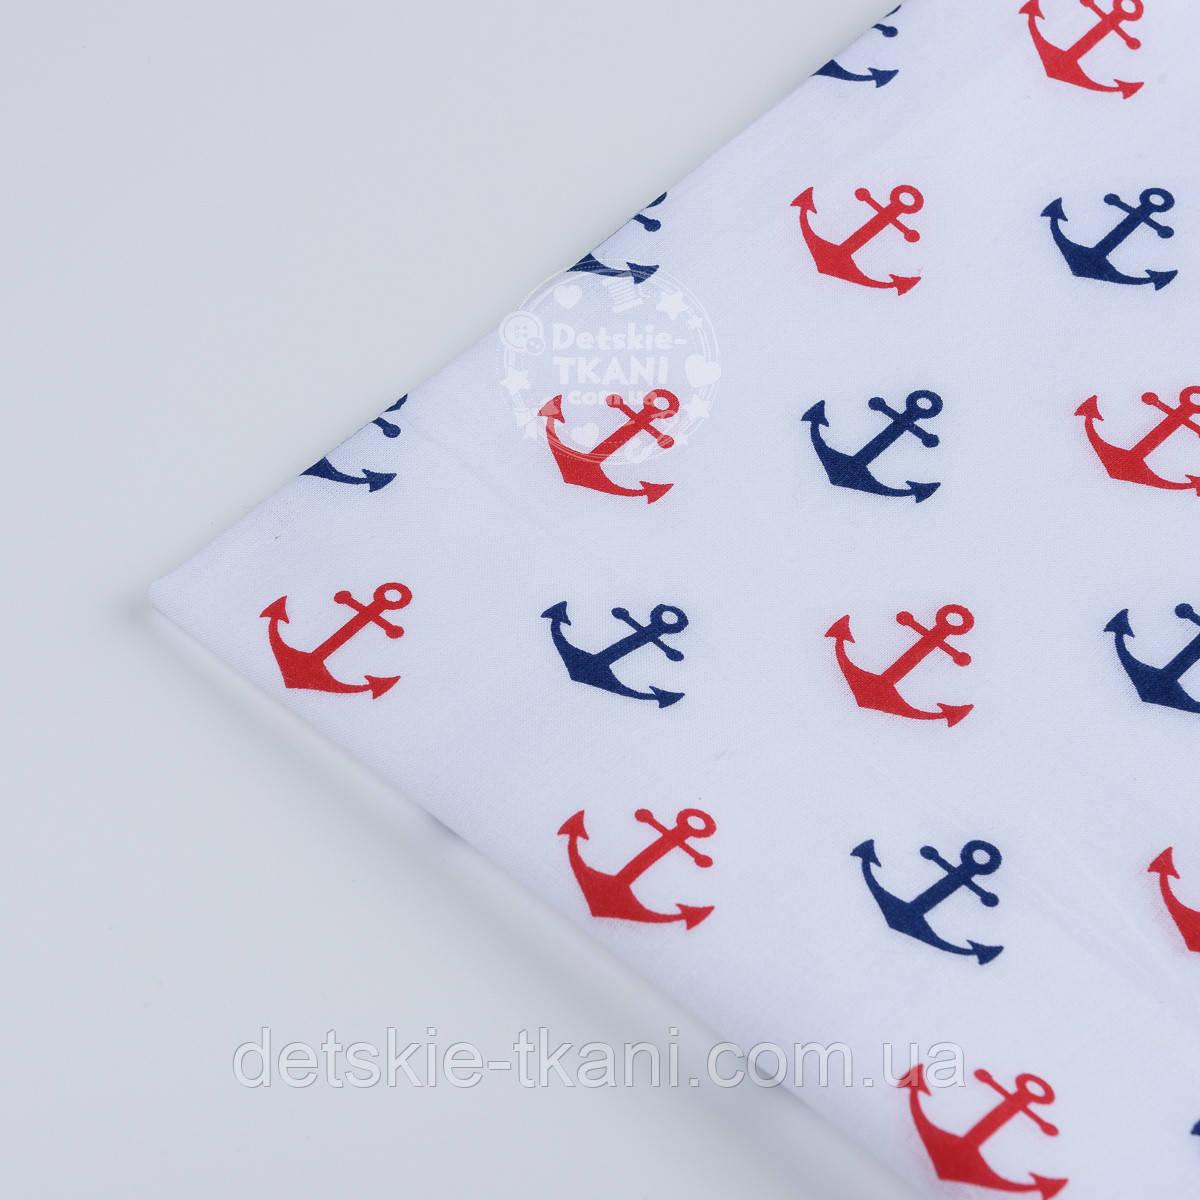 Лоскут ткани №248а  с синими и красными якорями , размер 20*160 см